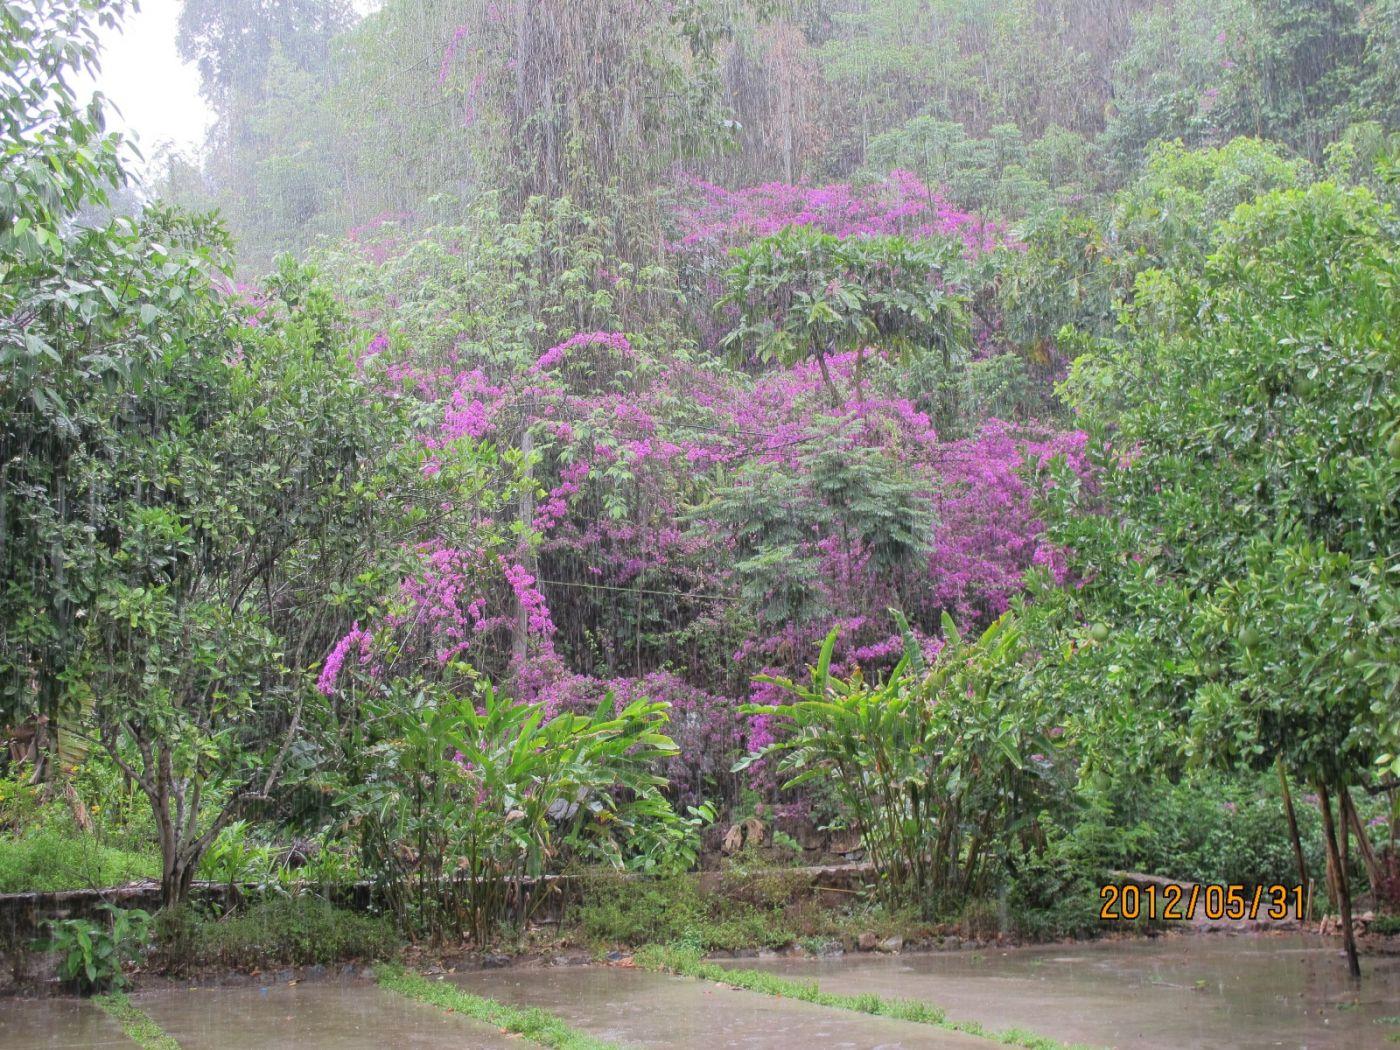 莫里热带雨林_图1-6